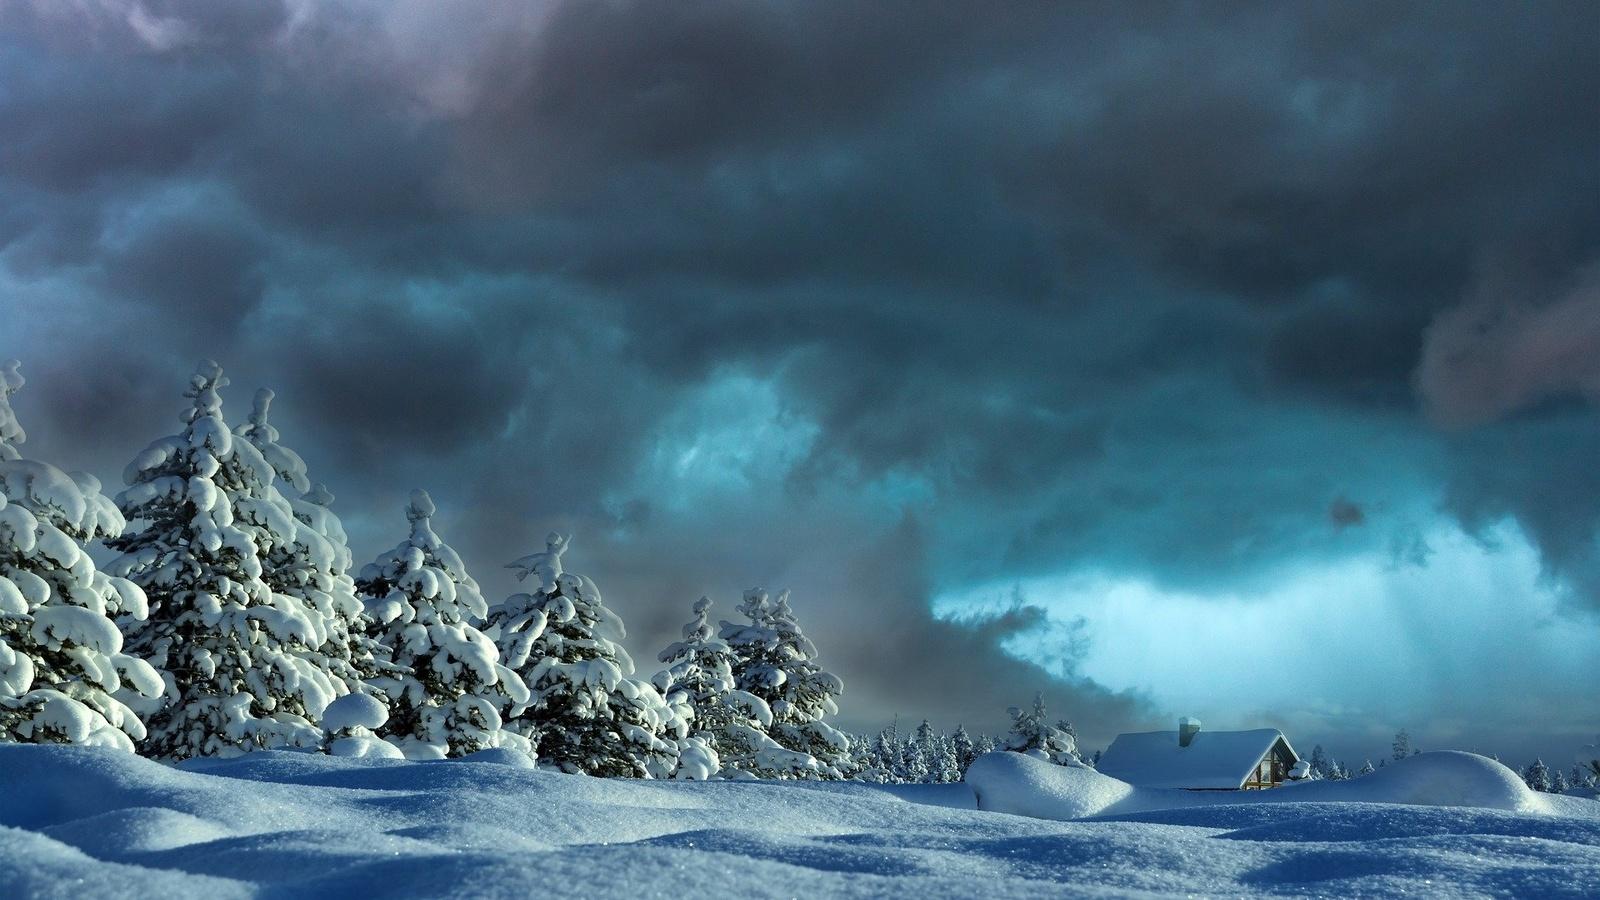 зима, снег, сугробы, тучи